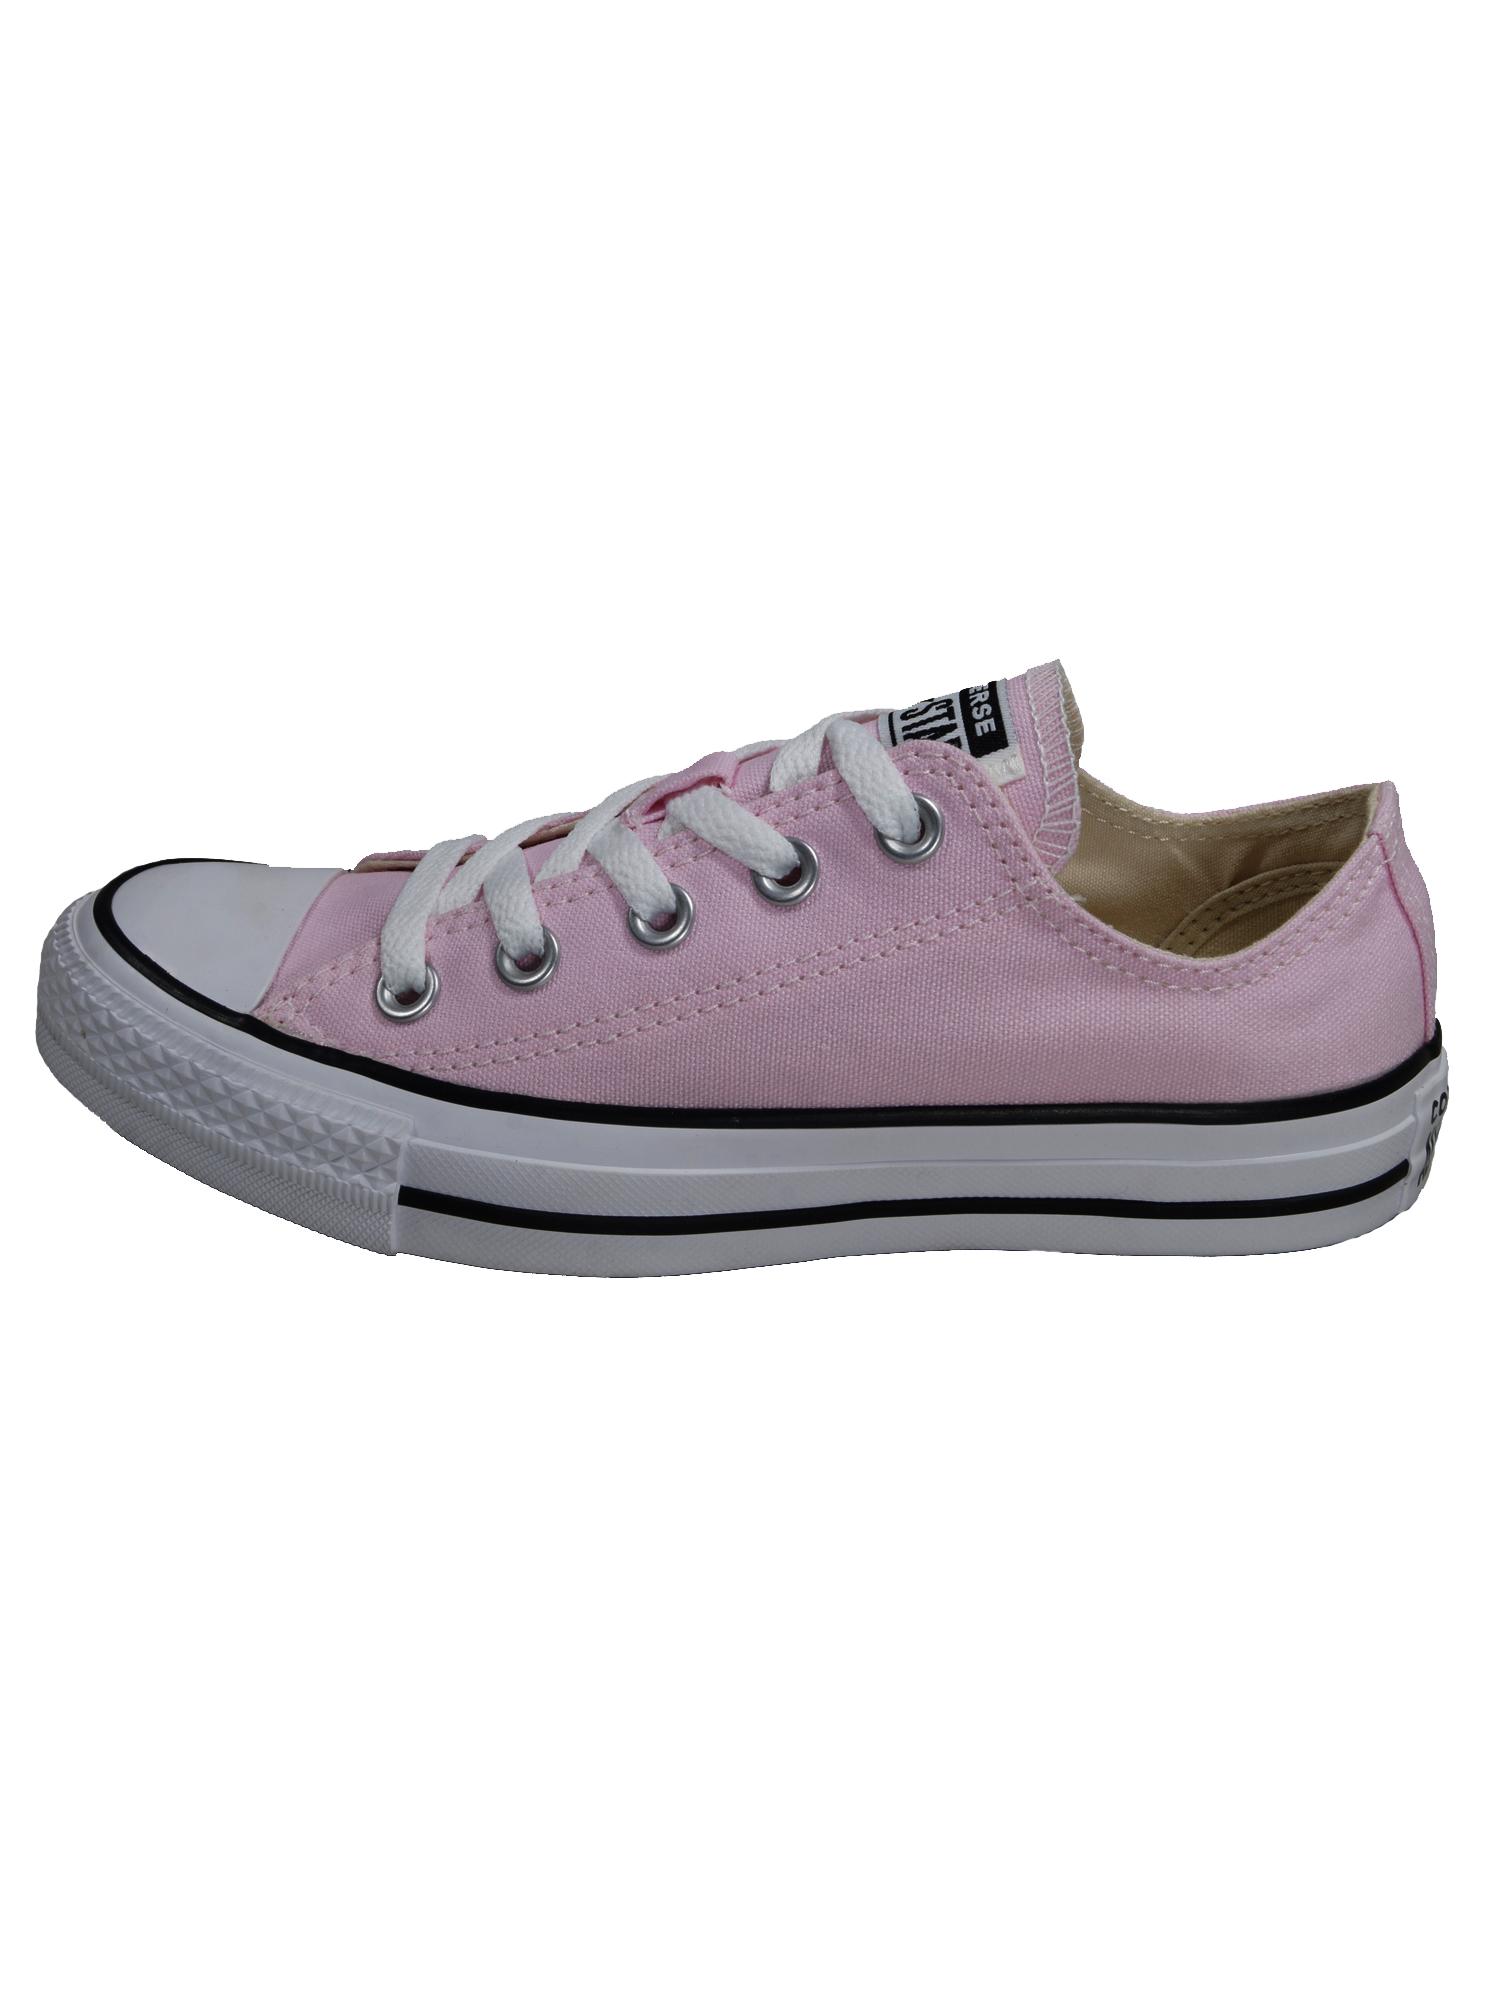 Converse Damen Schuhe CT All Star Ox Rosa Leinen Sneakers Größe 37